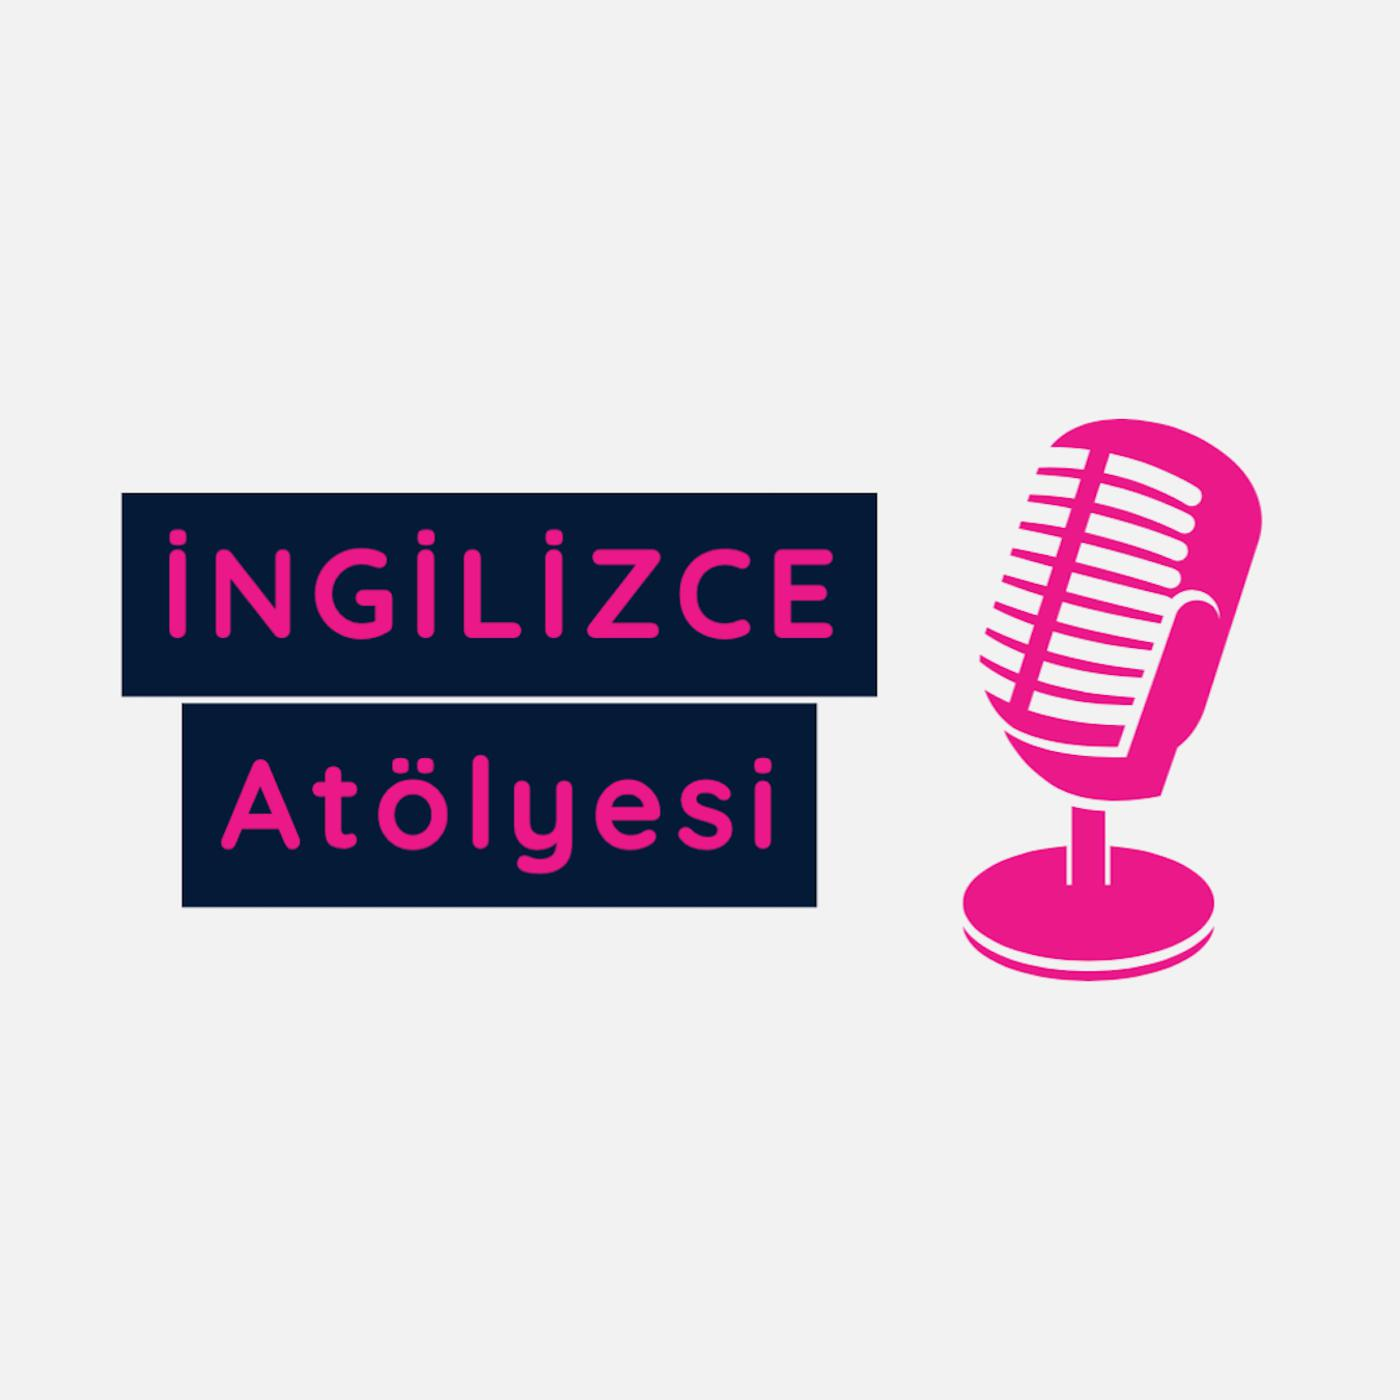 İngilizce Atölyesi (podcast) - Tijen Tan Gülse